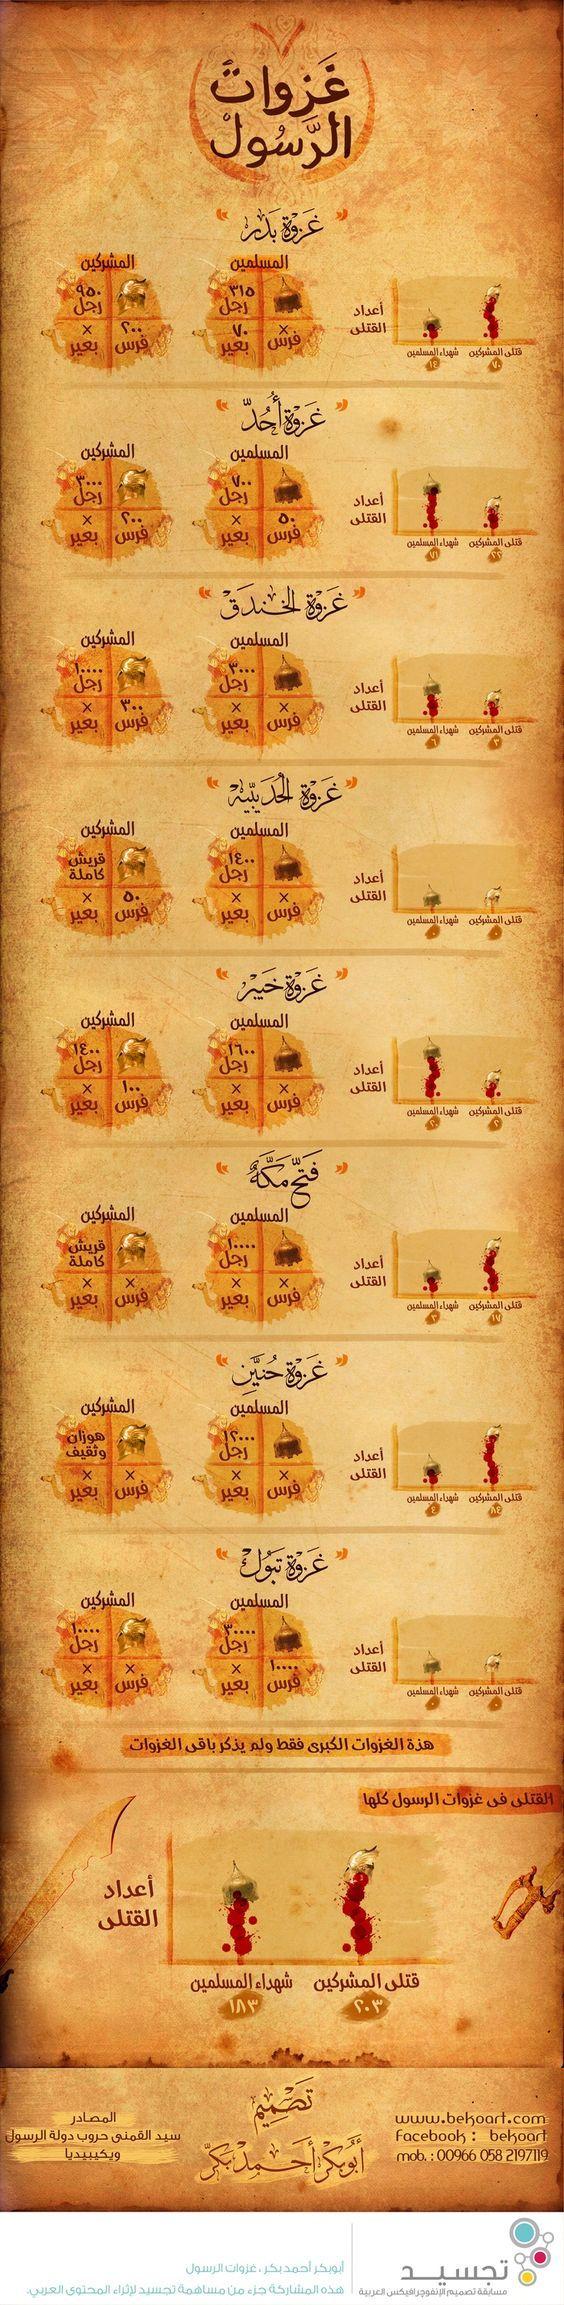 Pin On غزوات الرسول محمد